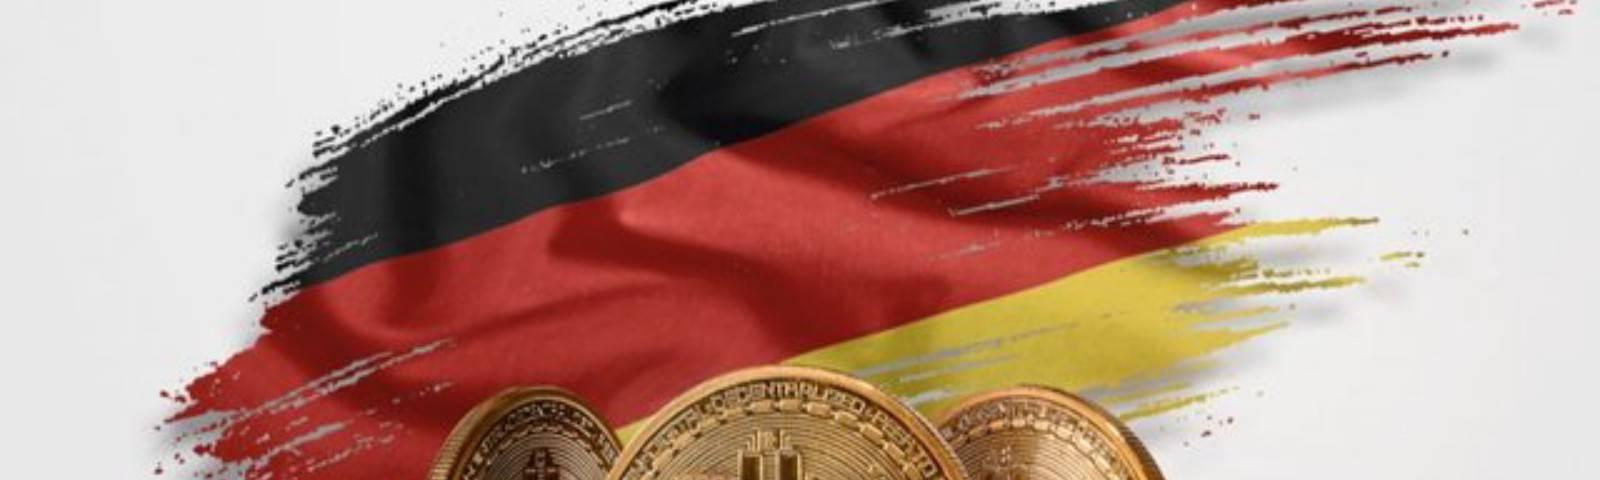 Как организована банковская система германии